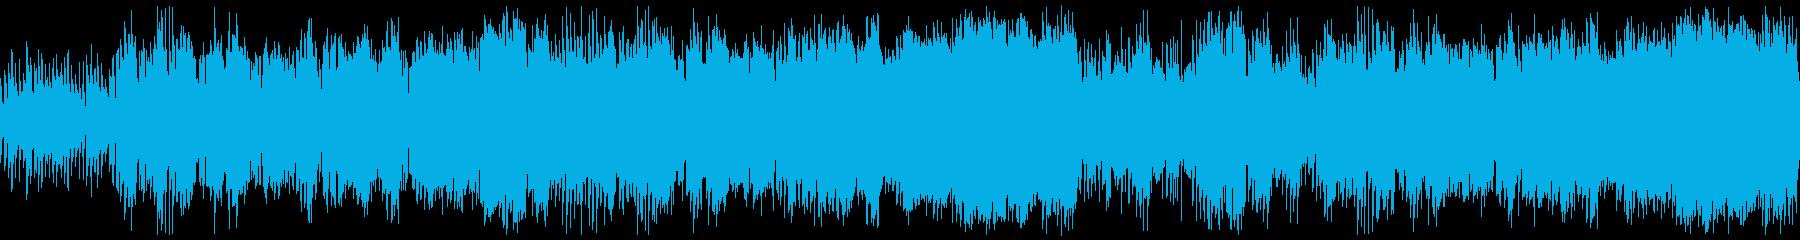 【ドラム抜き】カントリー+ノスタルジッ…の再生済みの波形